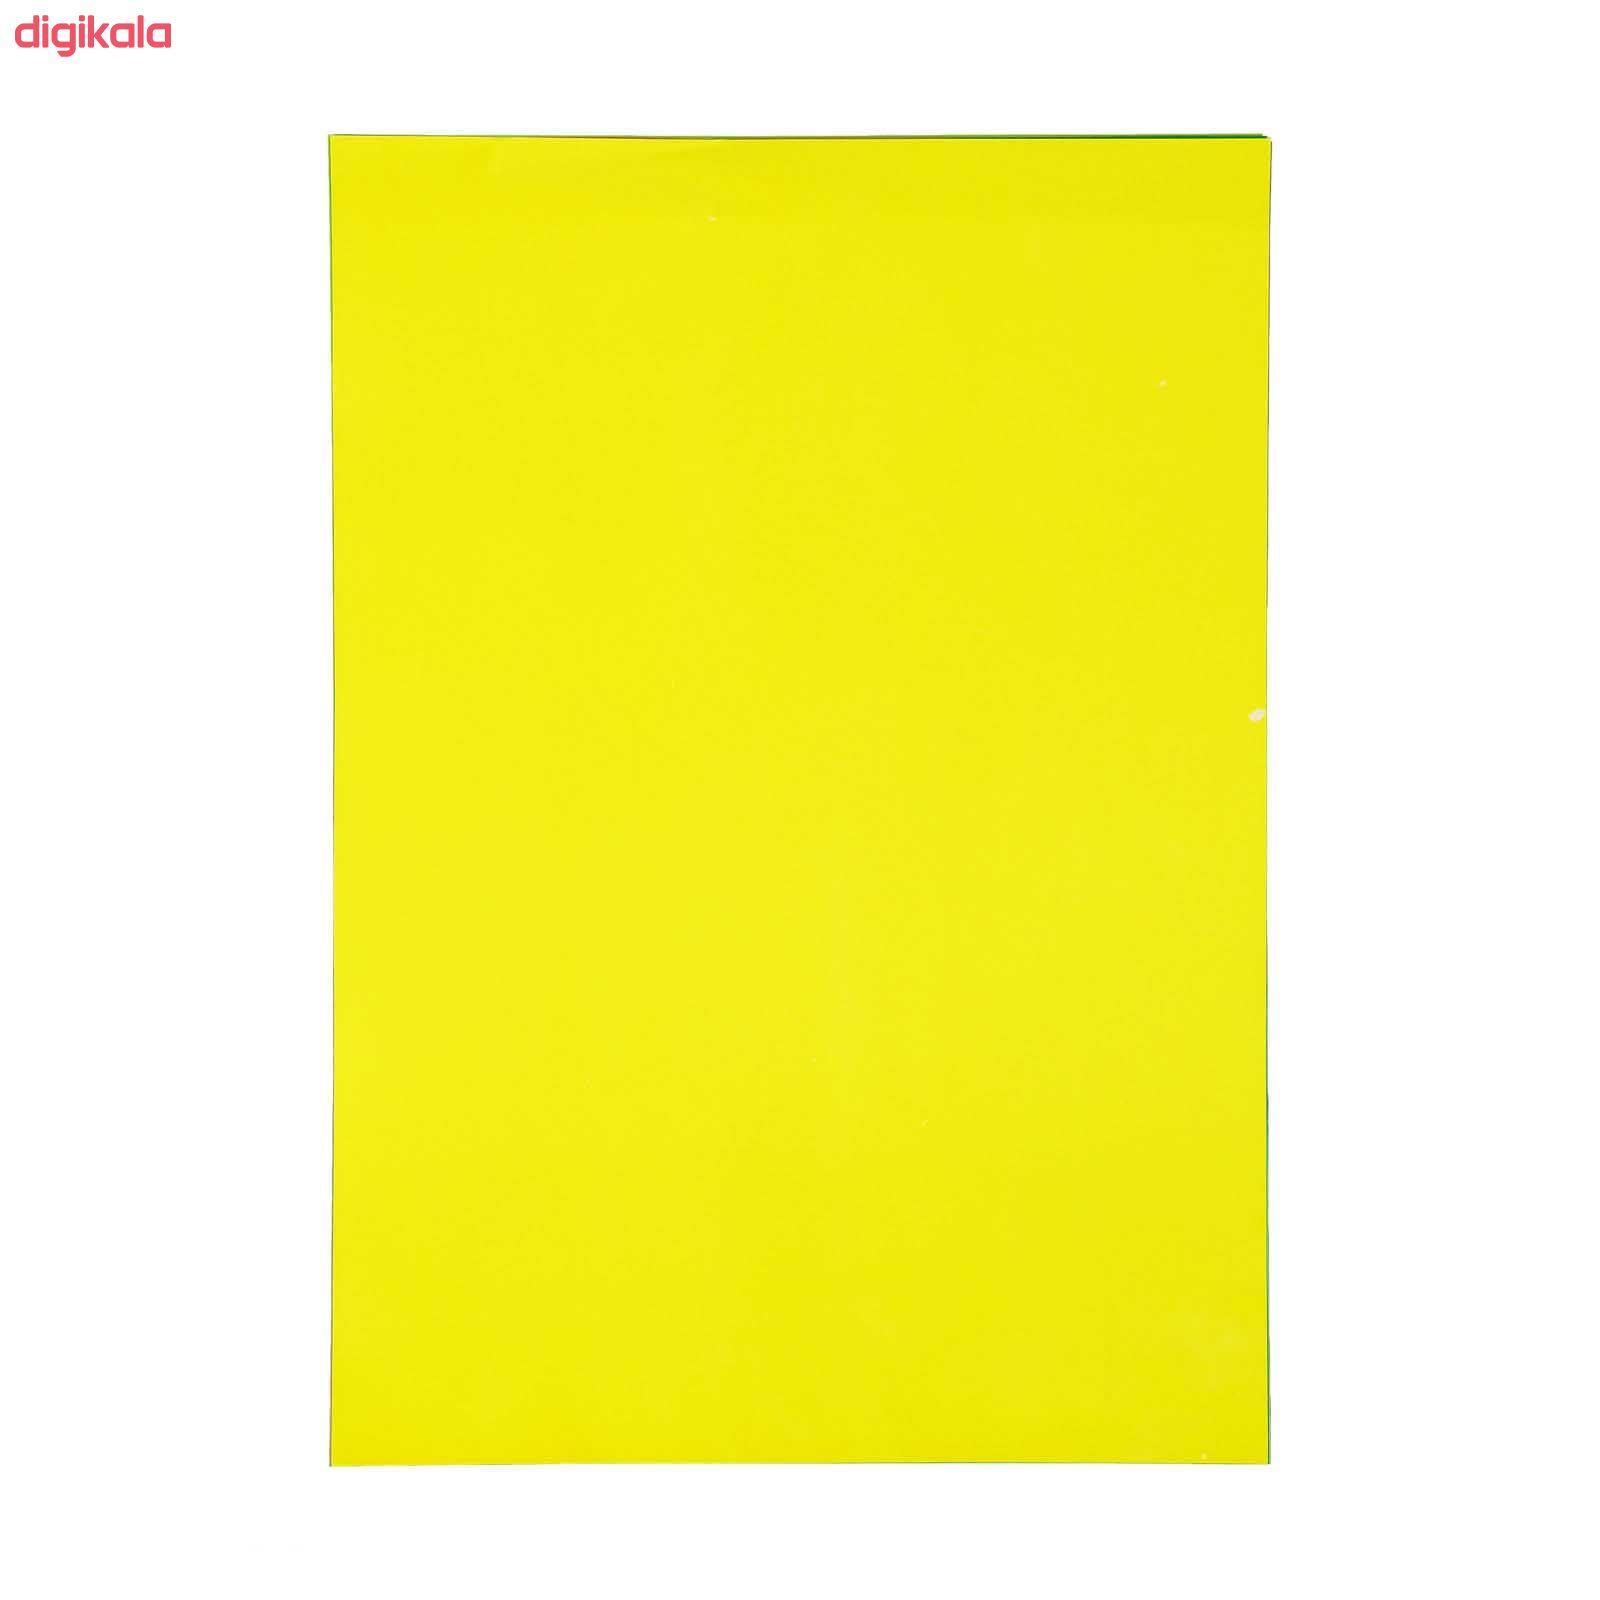 کاغذ رنگی A4 کد Pa 40 بسته 40 عددی main 1 4